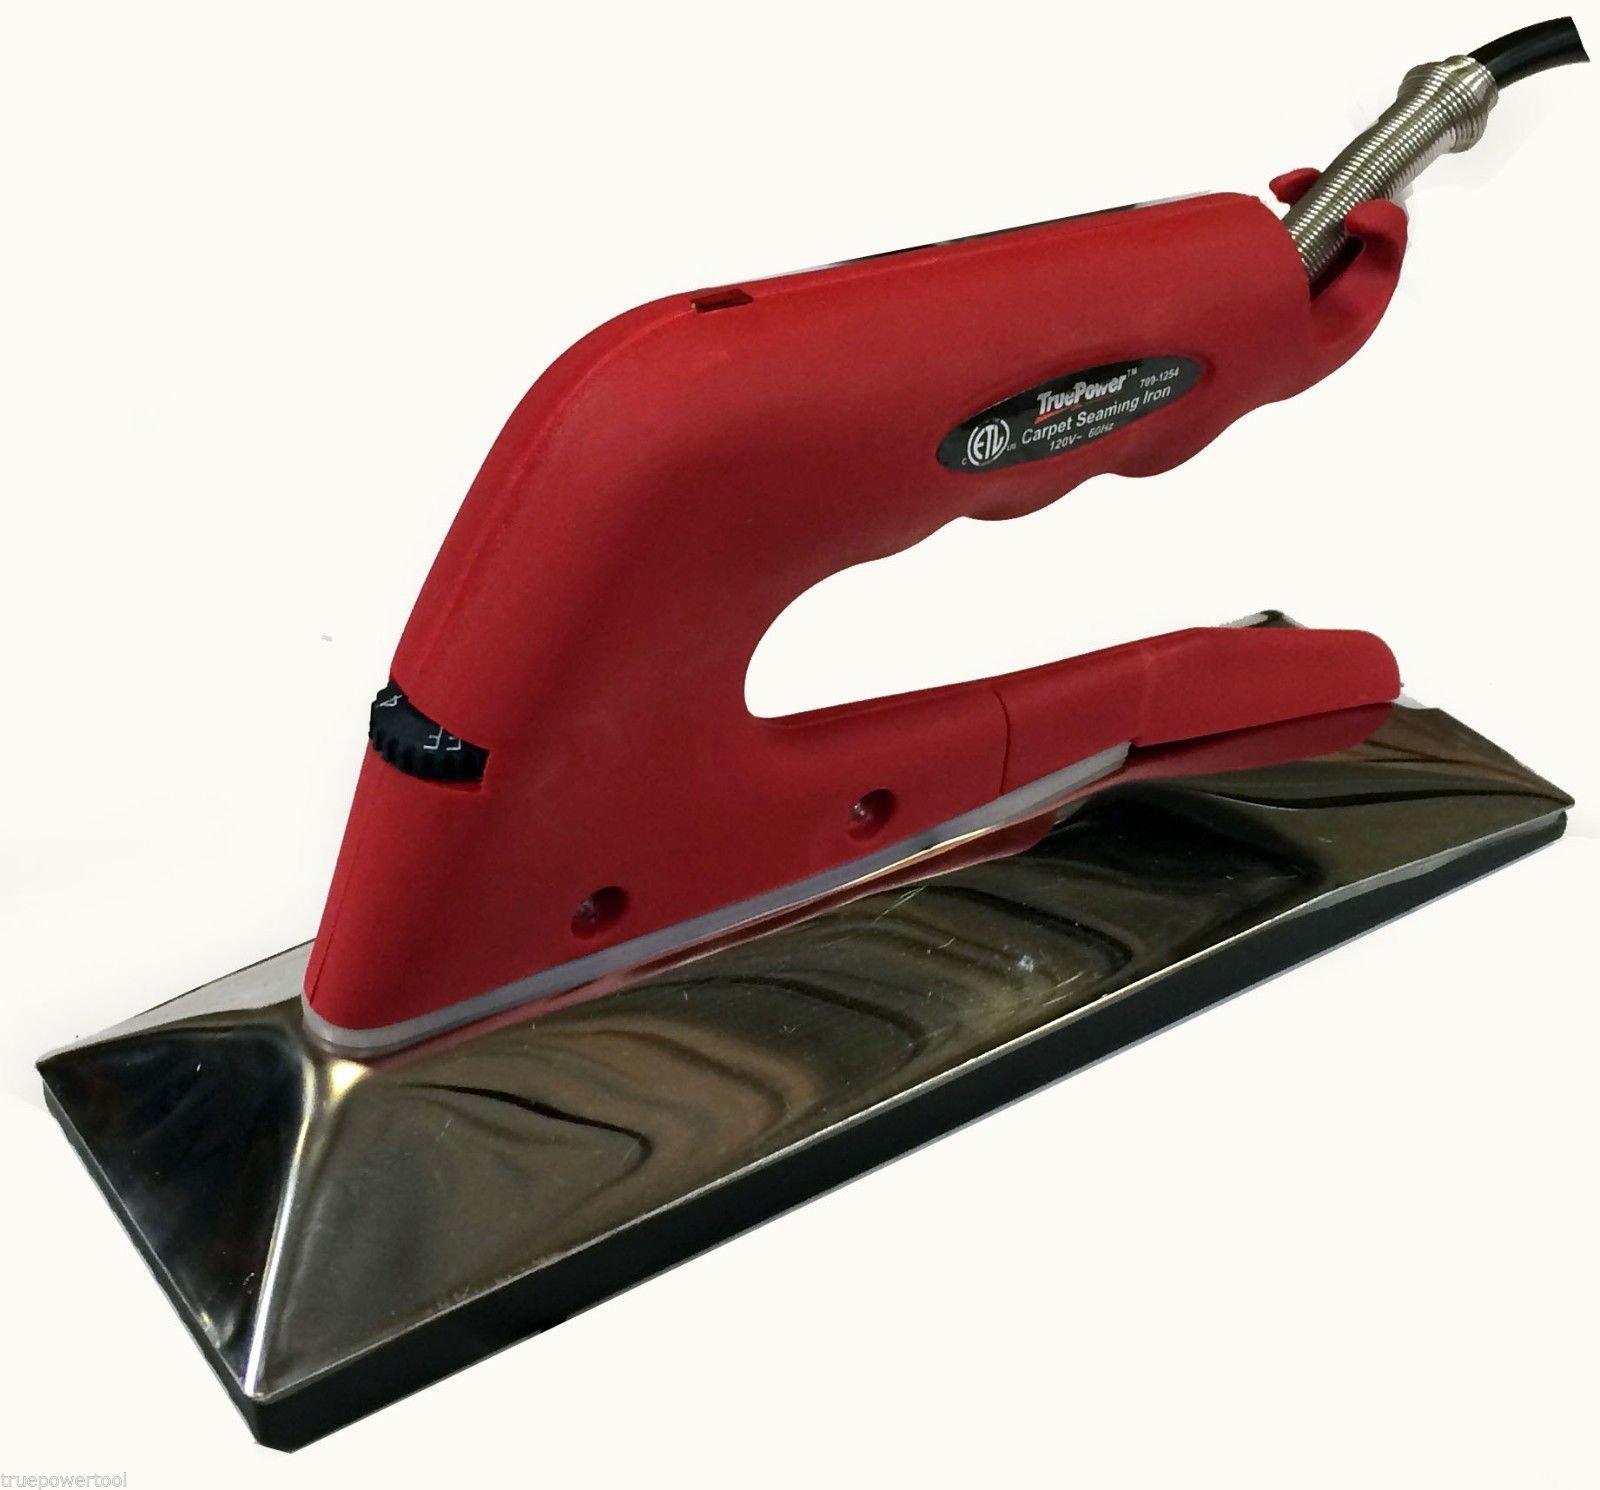 10'' Carpet Seaming Iron - 800 Watts, #4079